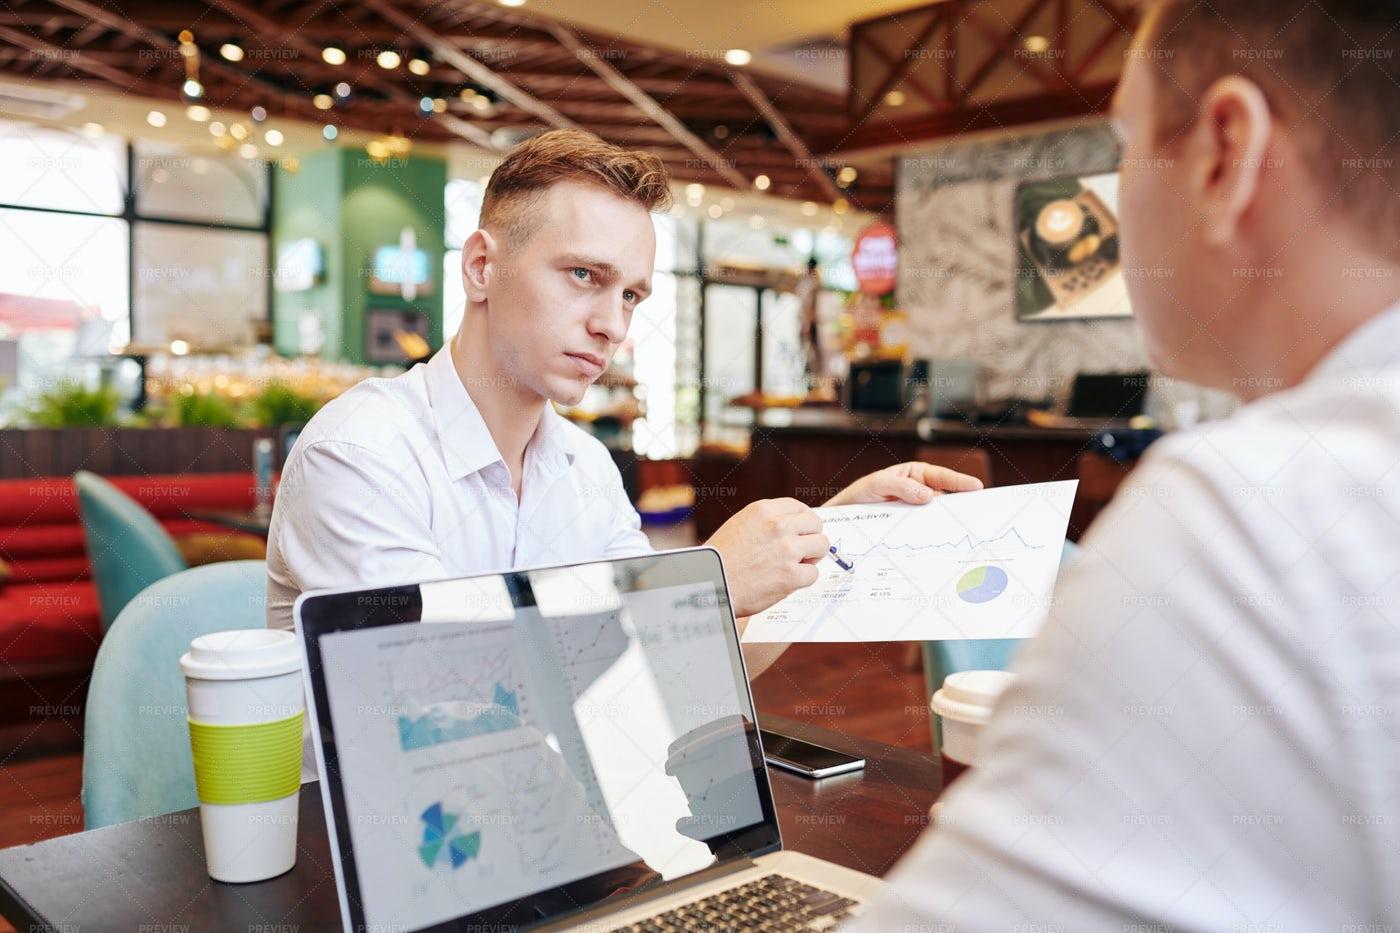 Financial Meeting In A Café: Stock Photos